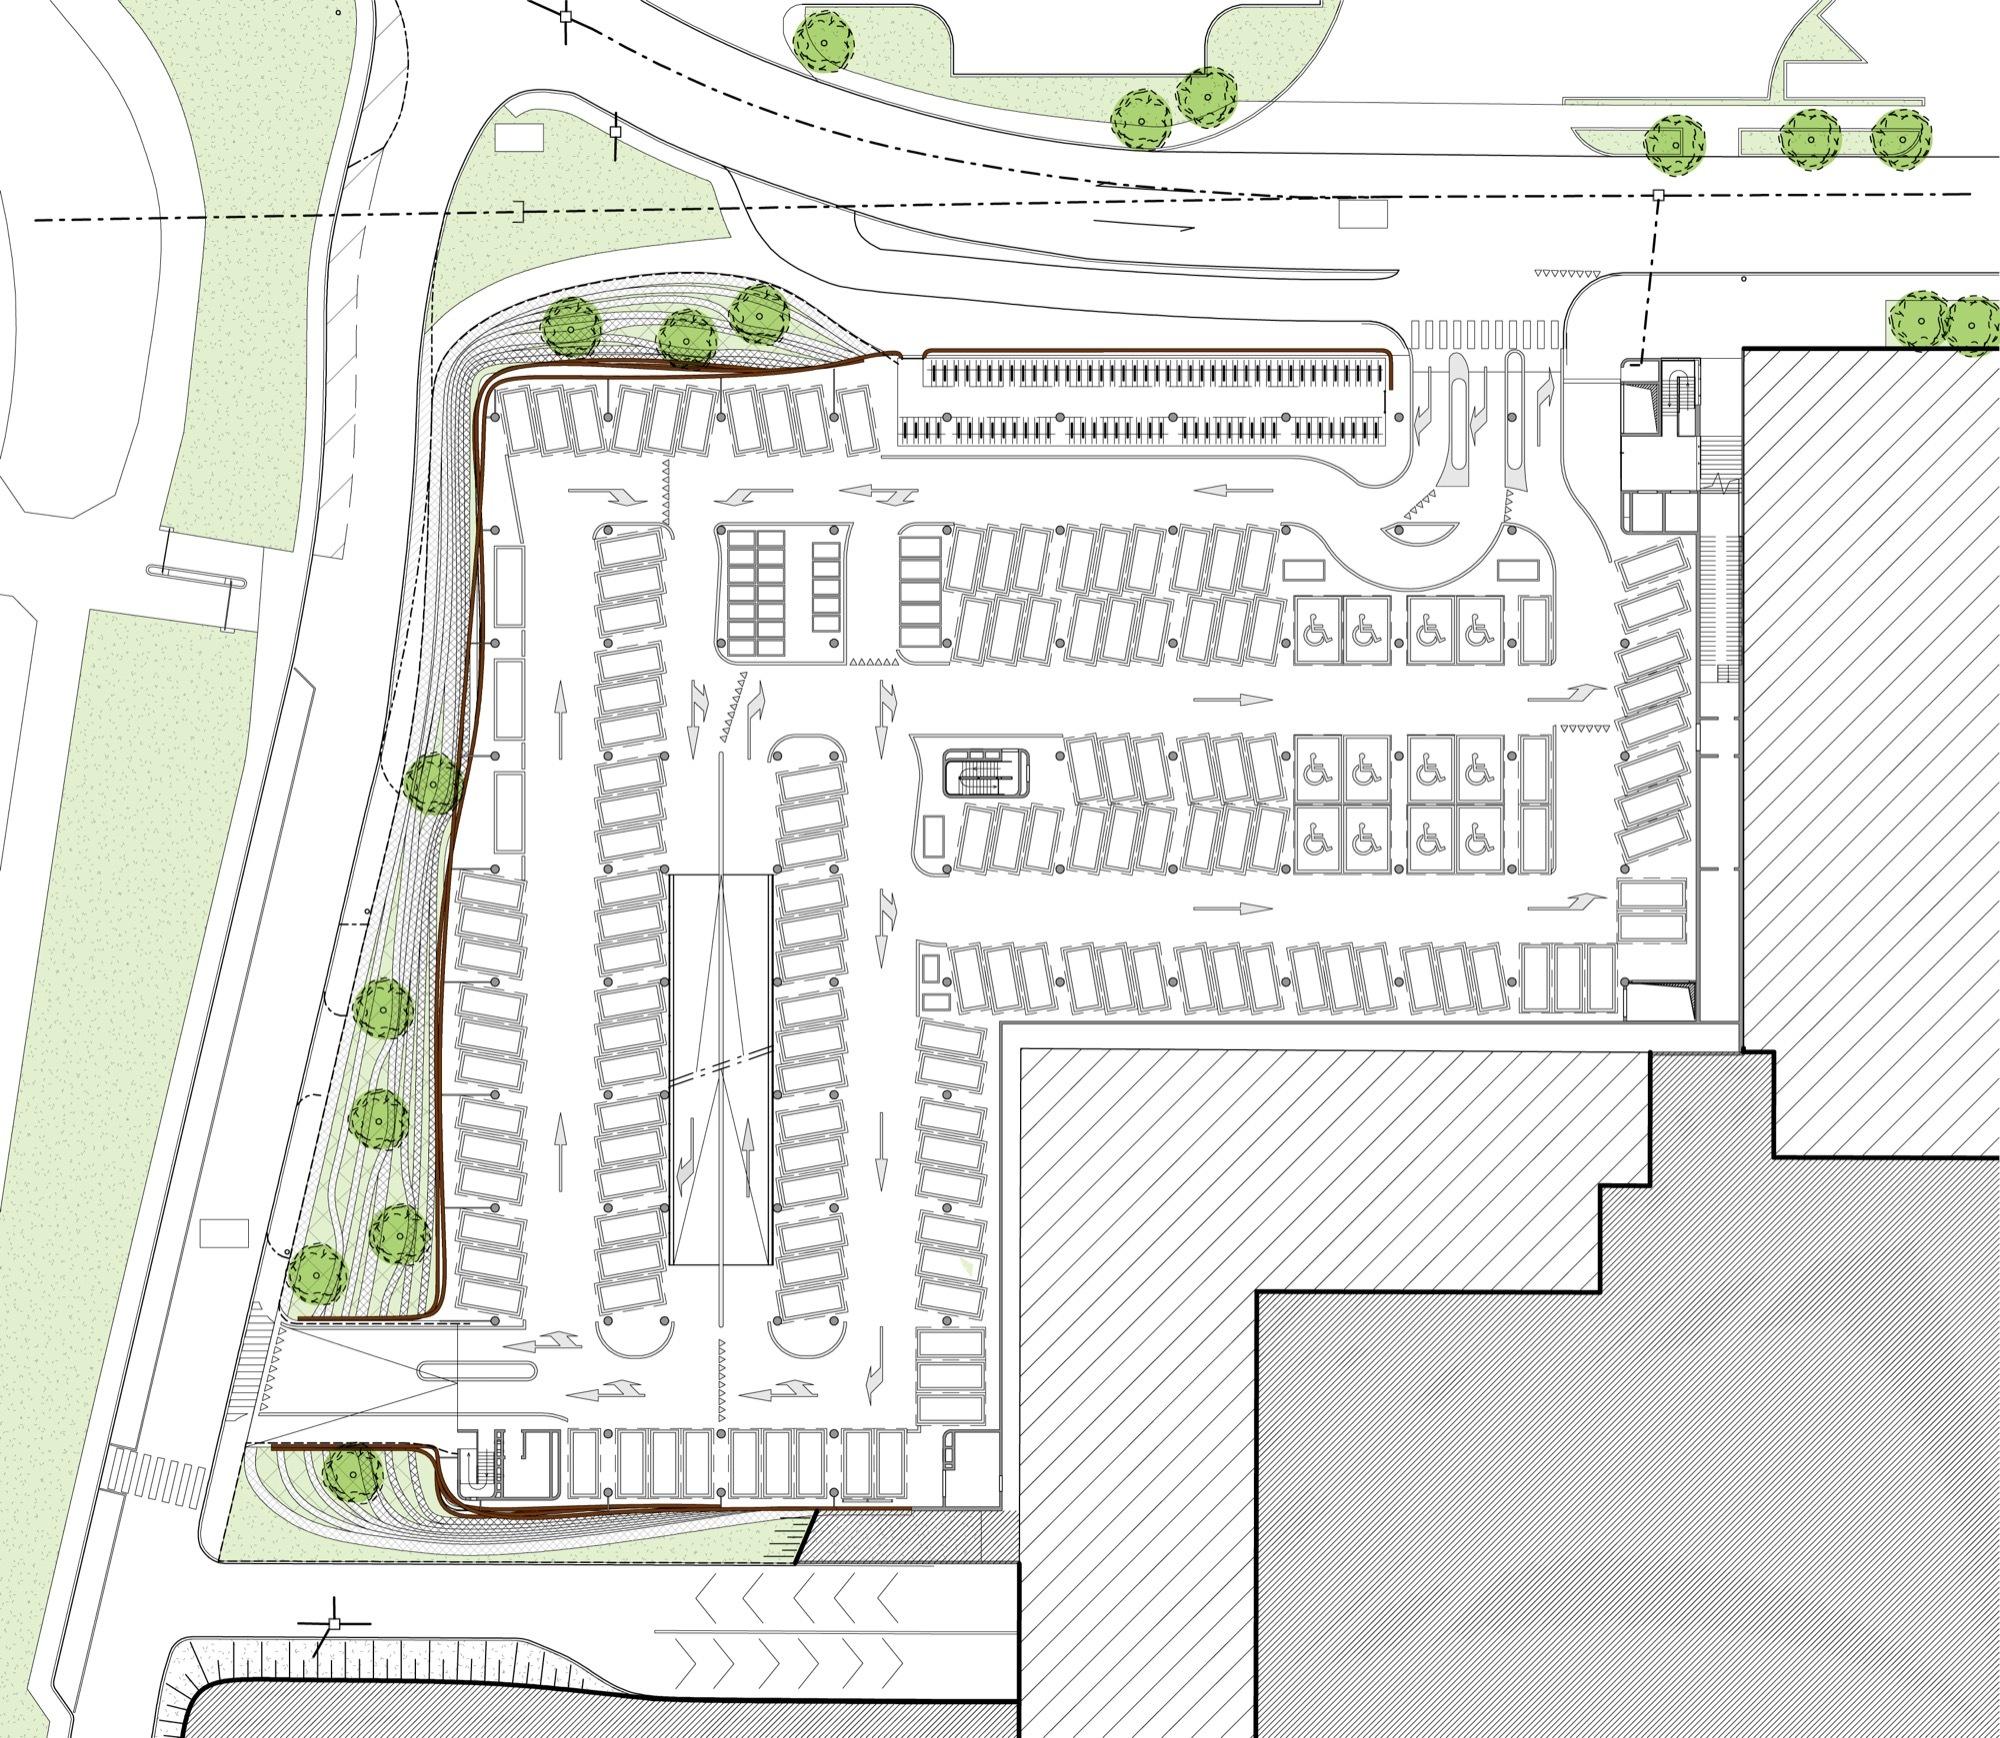 Floor Plans Maker Gallery Of Parking Garage Cliniques Universitaires Saint